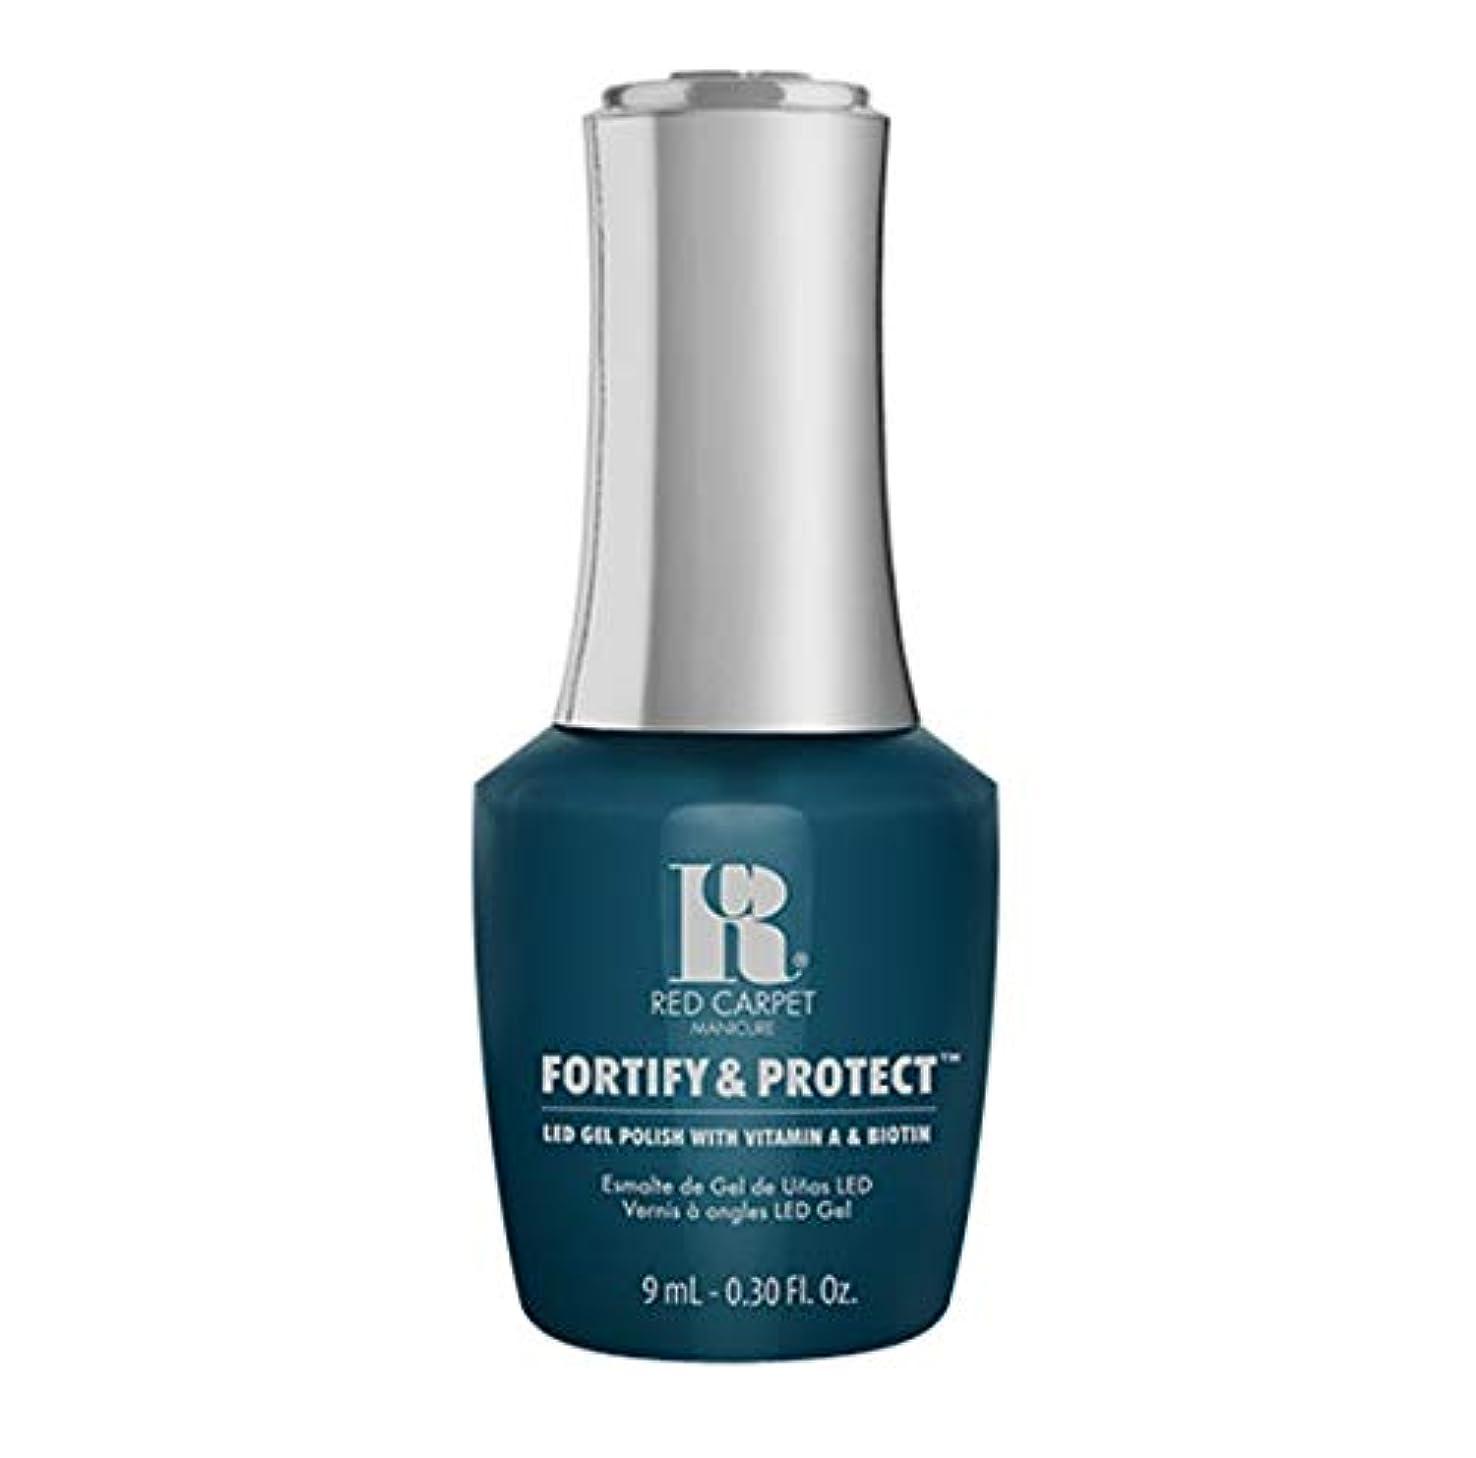 願望センブランスメロドラマRed Carpet Manicure - Fortify & Protect - A-List Attitude - 9ml / 0.30oz